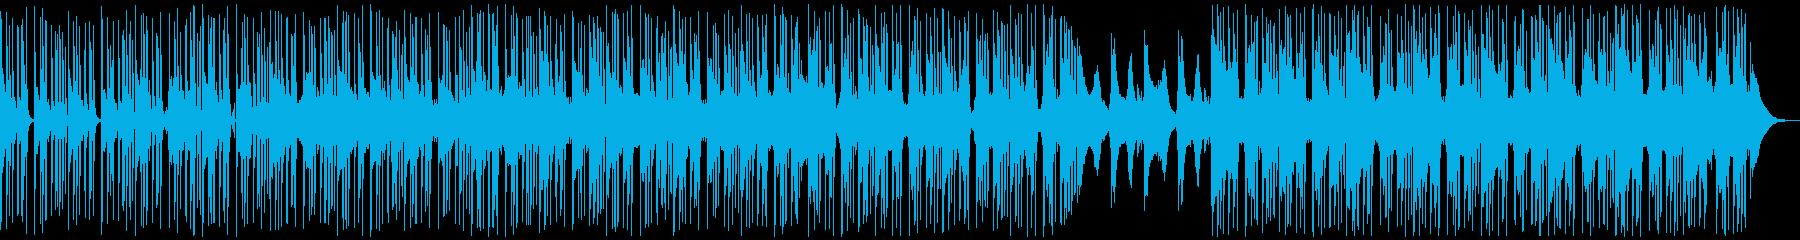 チルアウトなビートミュージックの再生済みの波形